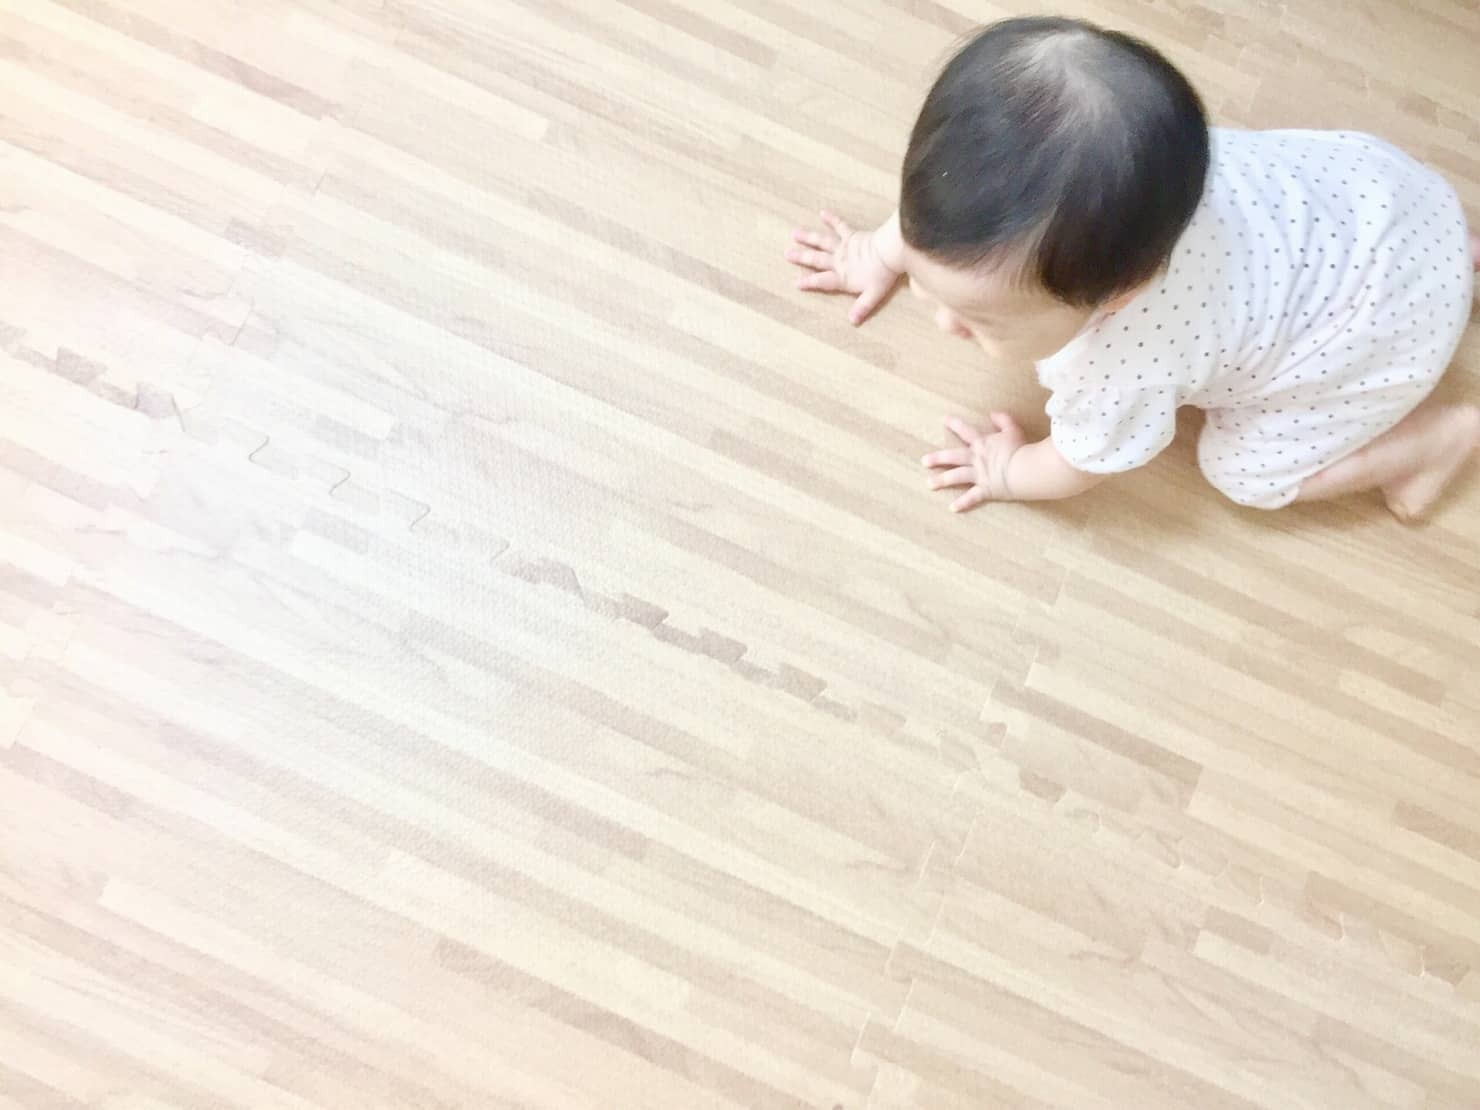 赤ちゃんにも安全なフローリング掃除法! おすすめ洗剤と掃除アイテム